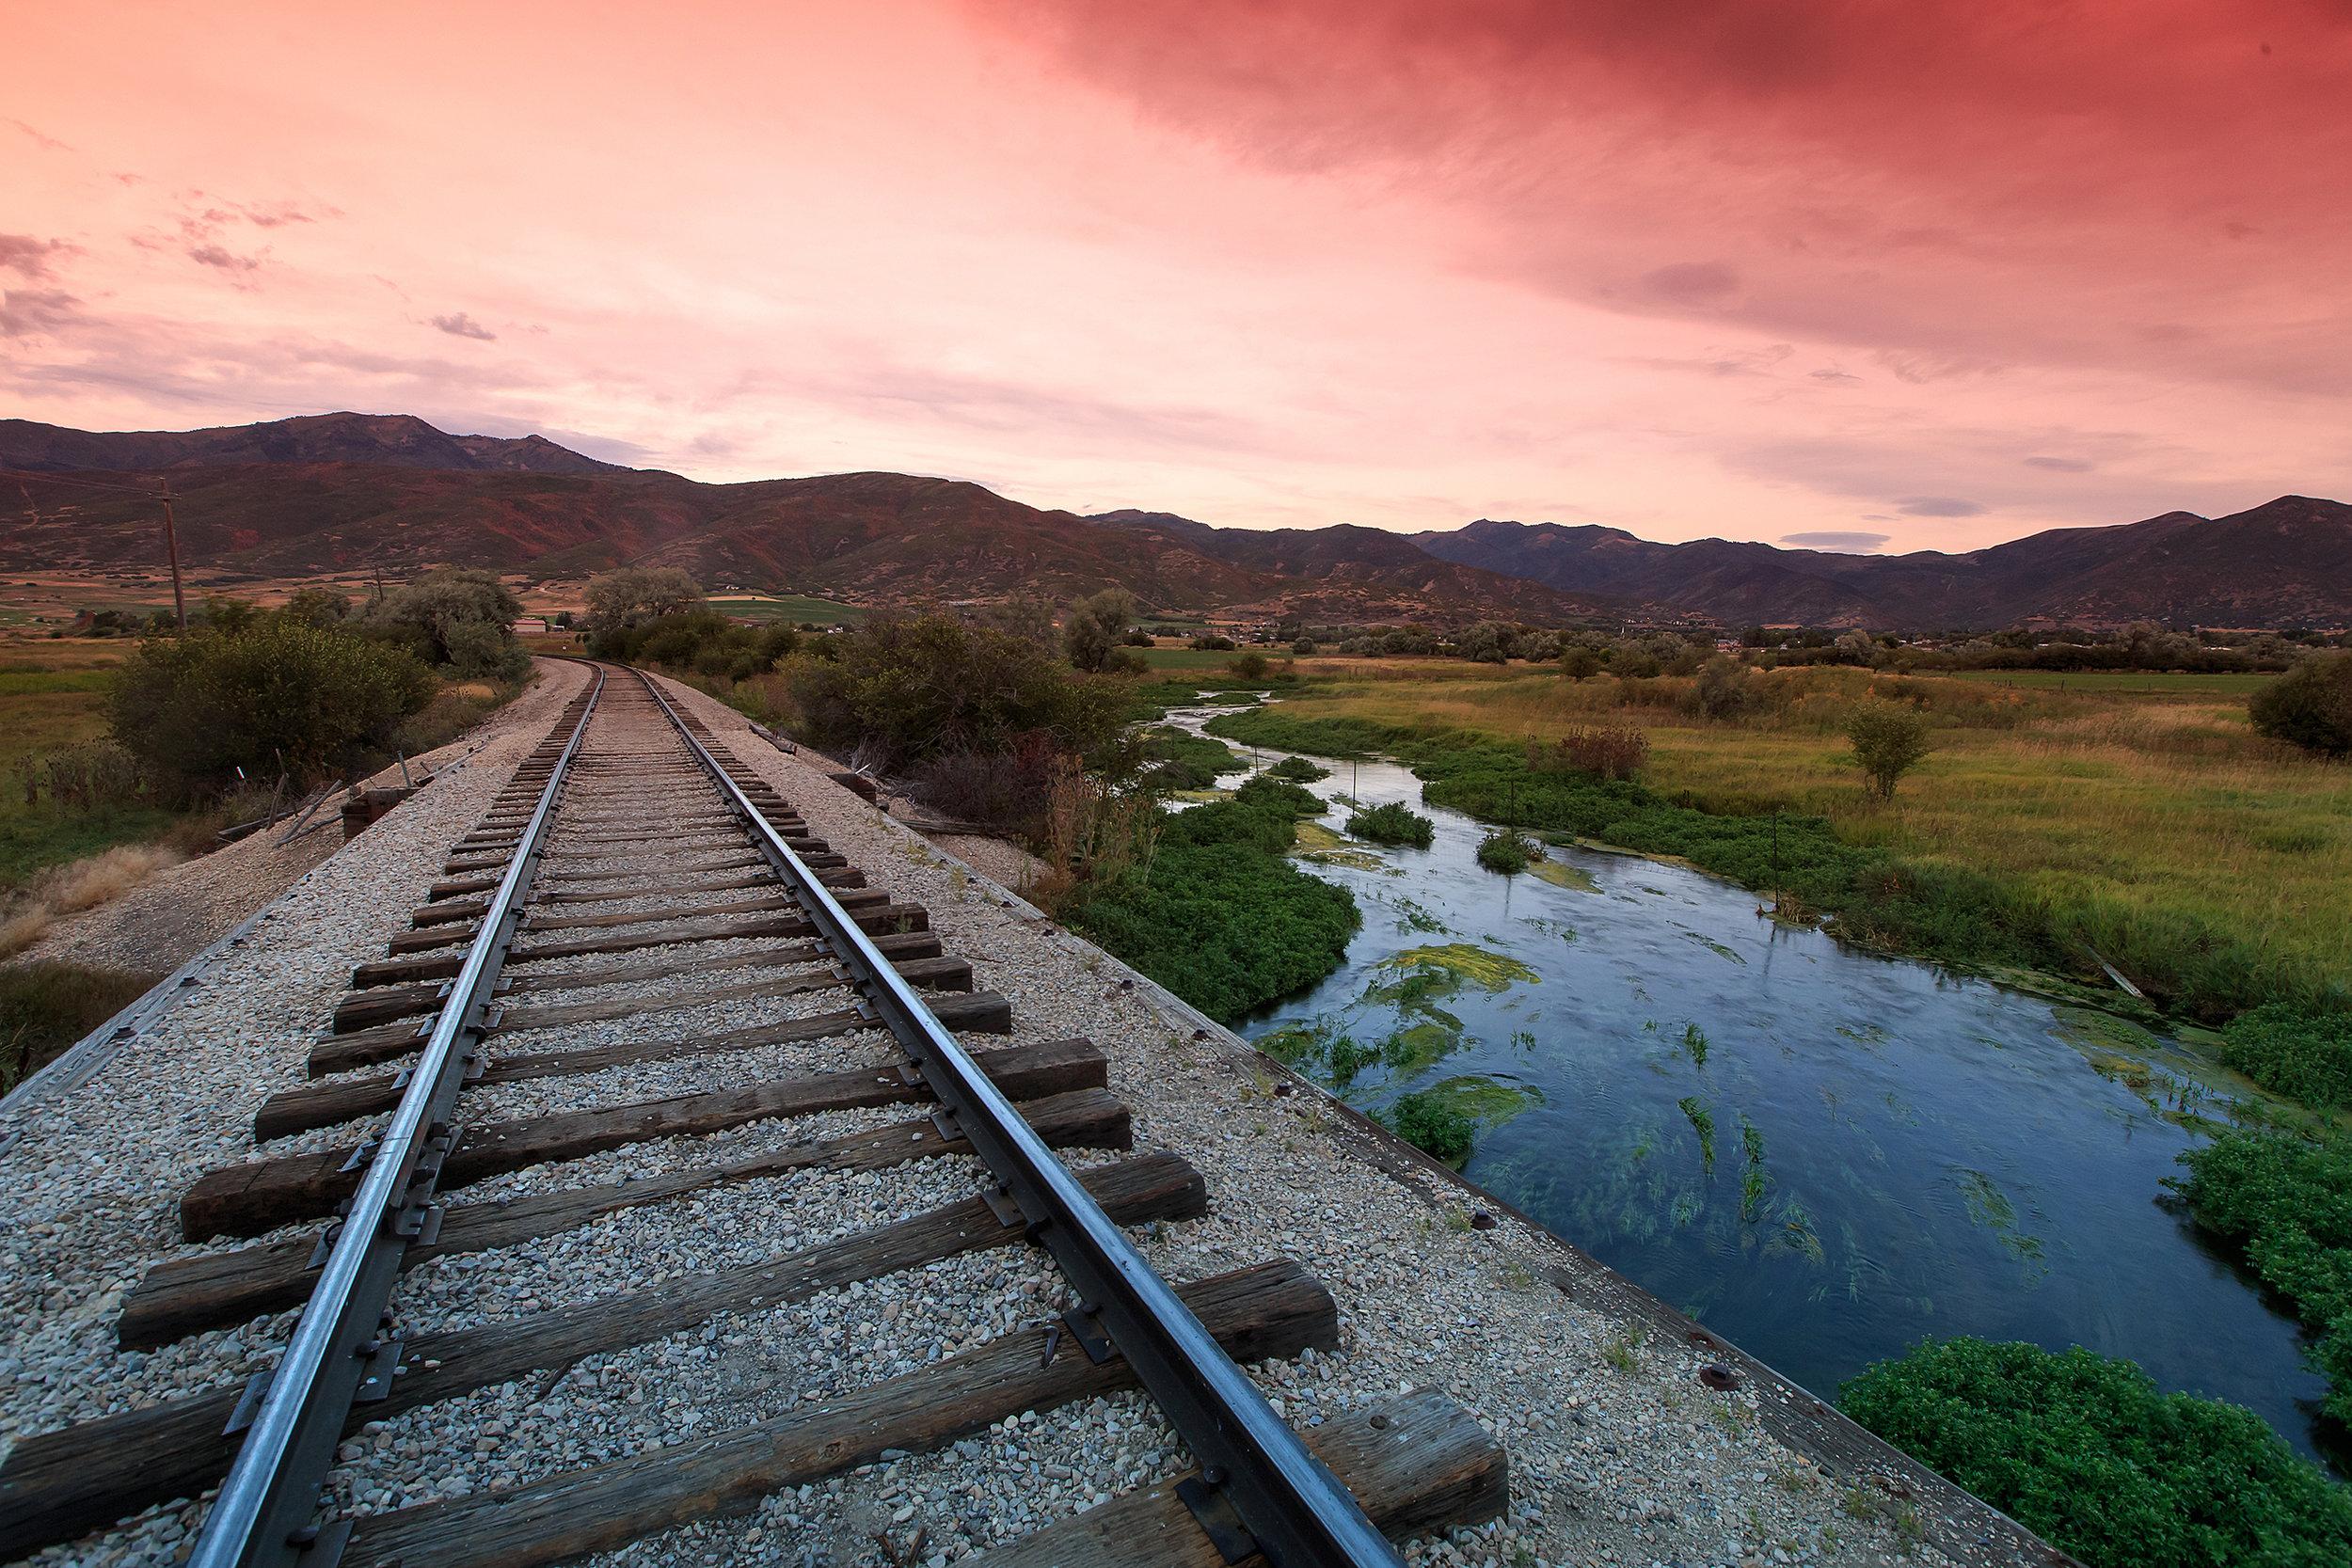 2019-05-10-Railroad.jpg